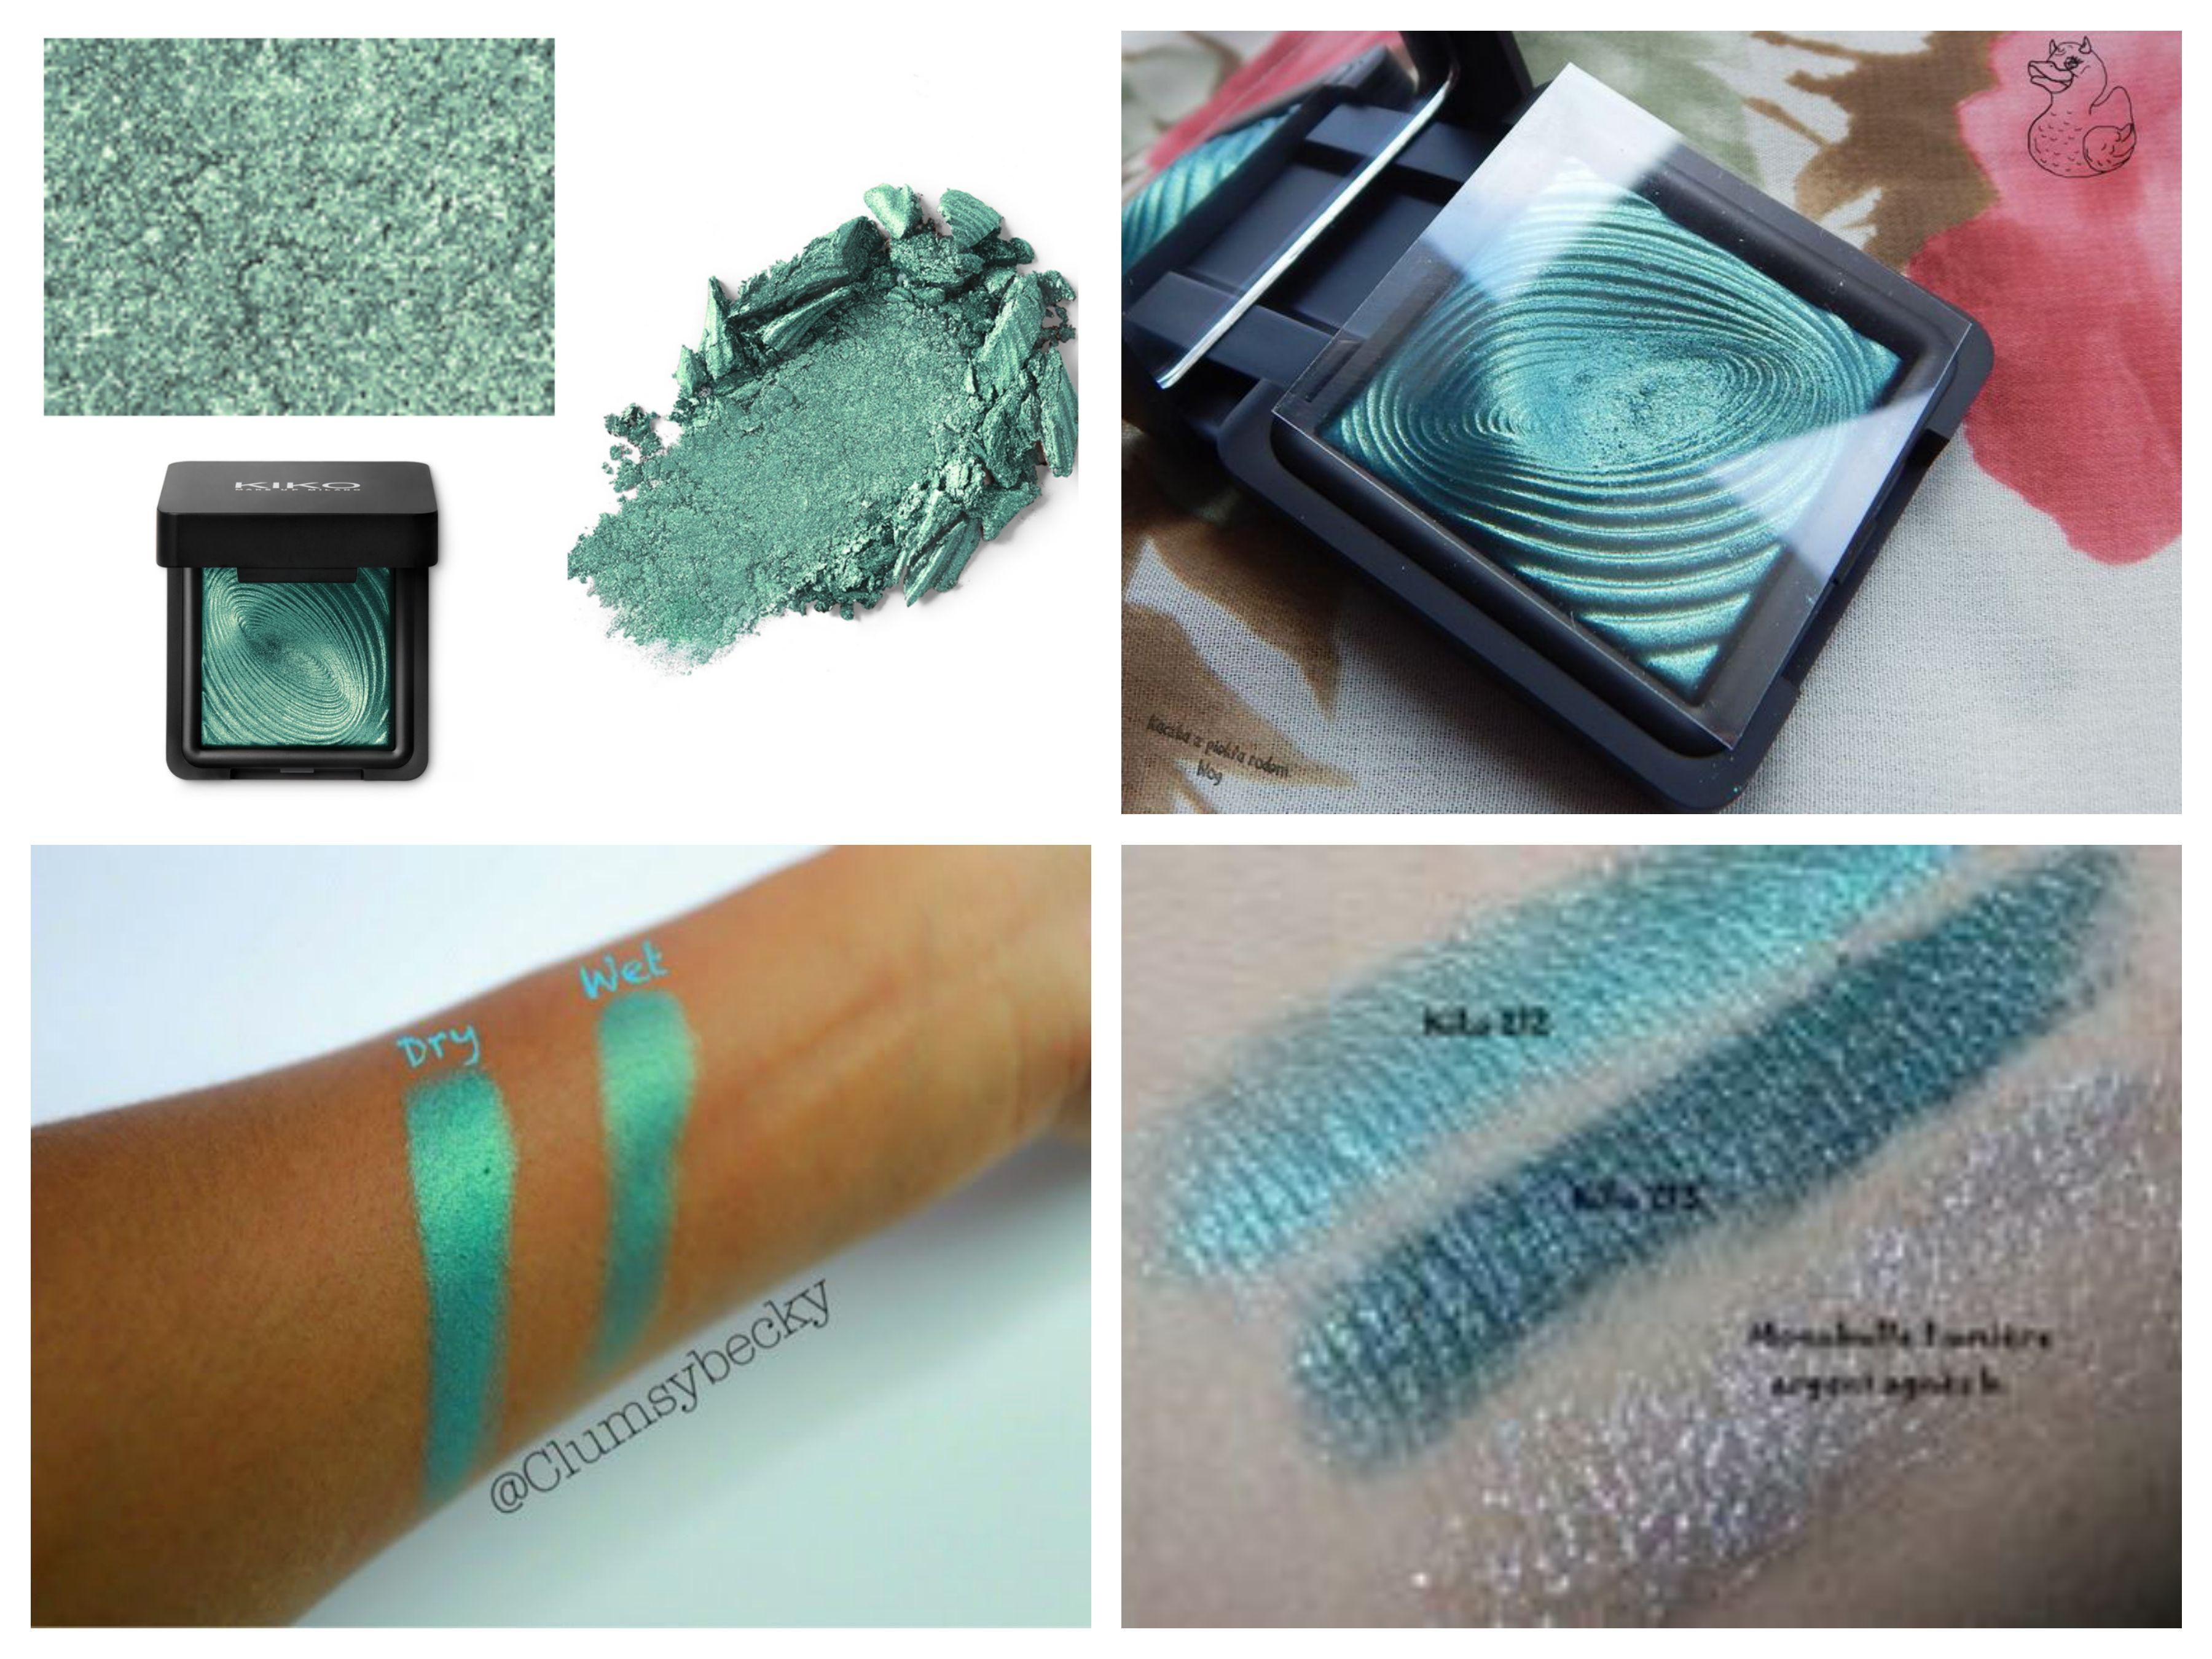 Kico mobili ~ Kiko water eyeshadow 212 smeraldo make up eyemake up